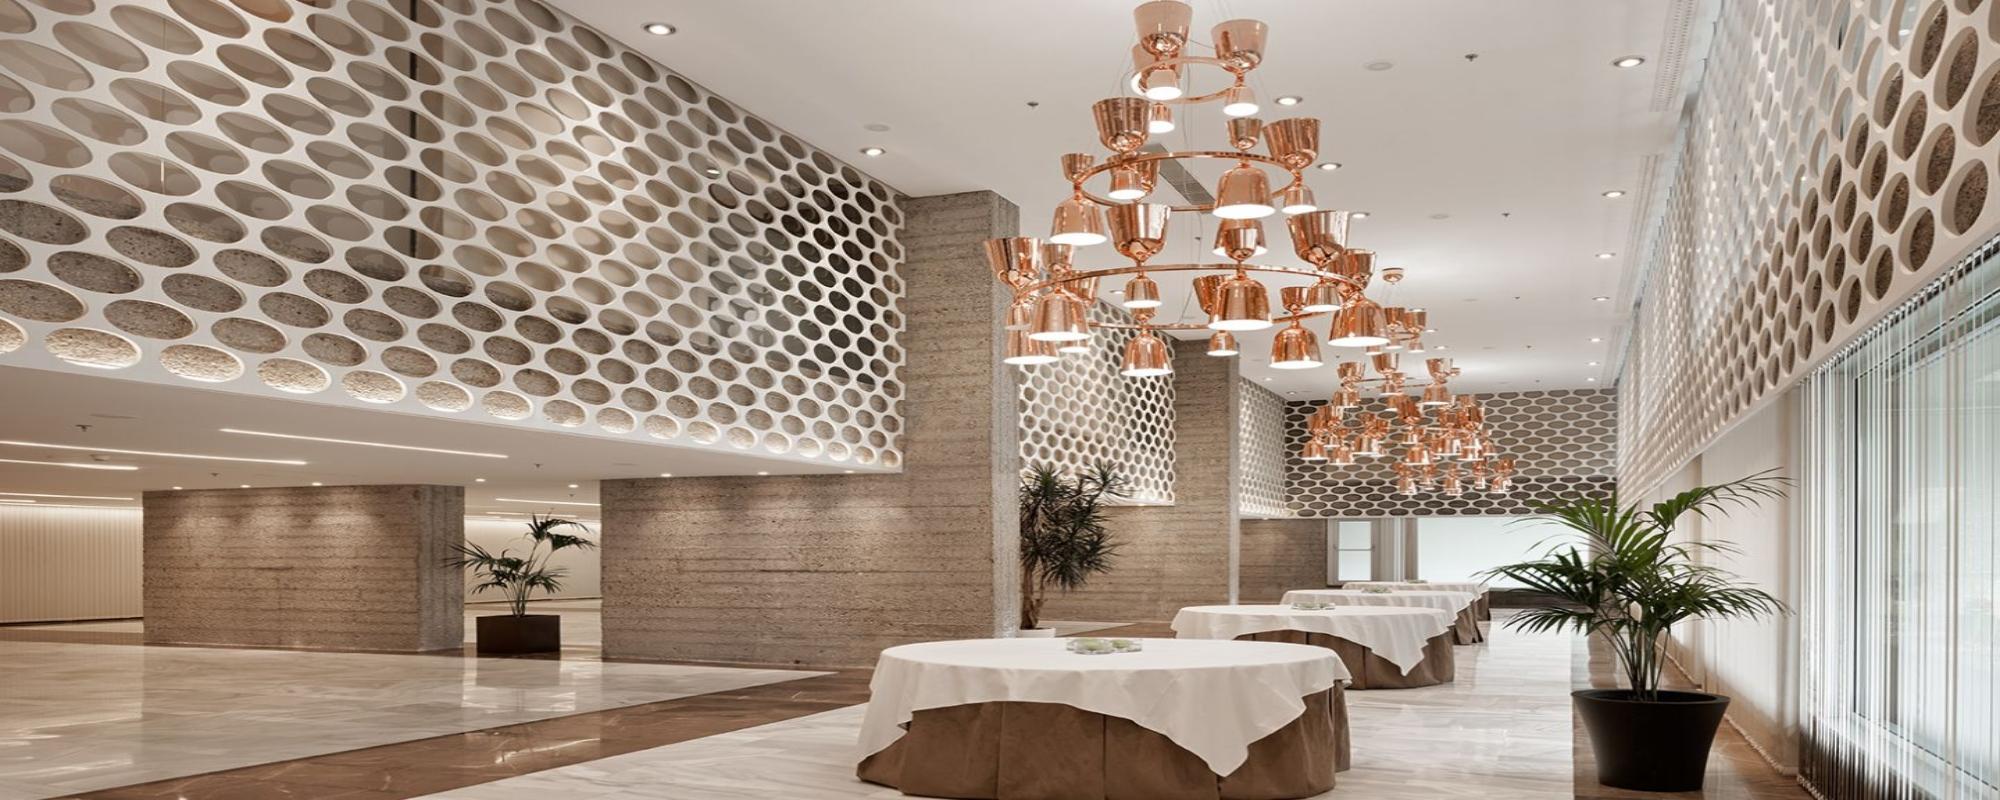 Arquitectura lujuosa: L35 un estudio de arquitectura y interiores elegante arquitectura lujuosa Arquitectura lujuosa: L35 un estudio de arquitectura y interiores elegante Featured 16